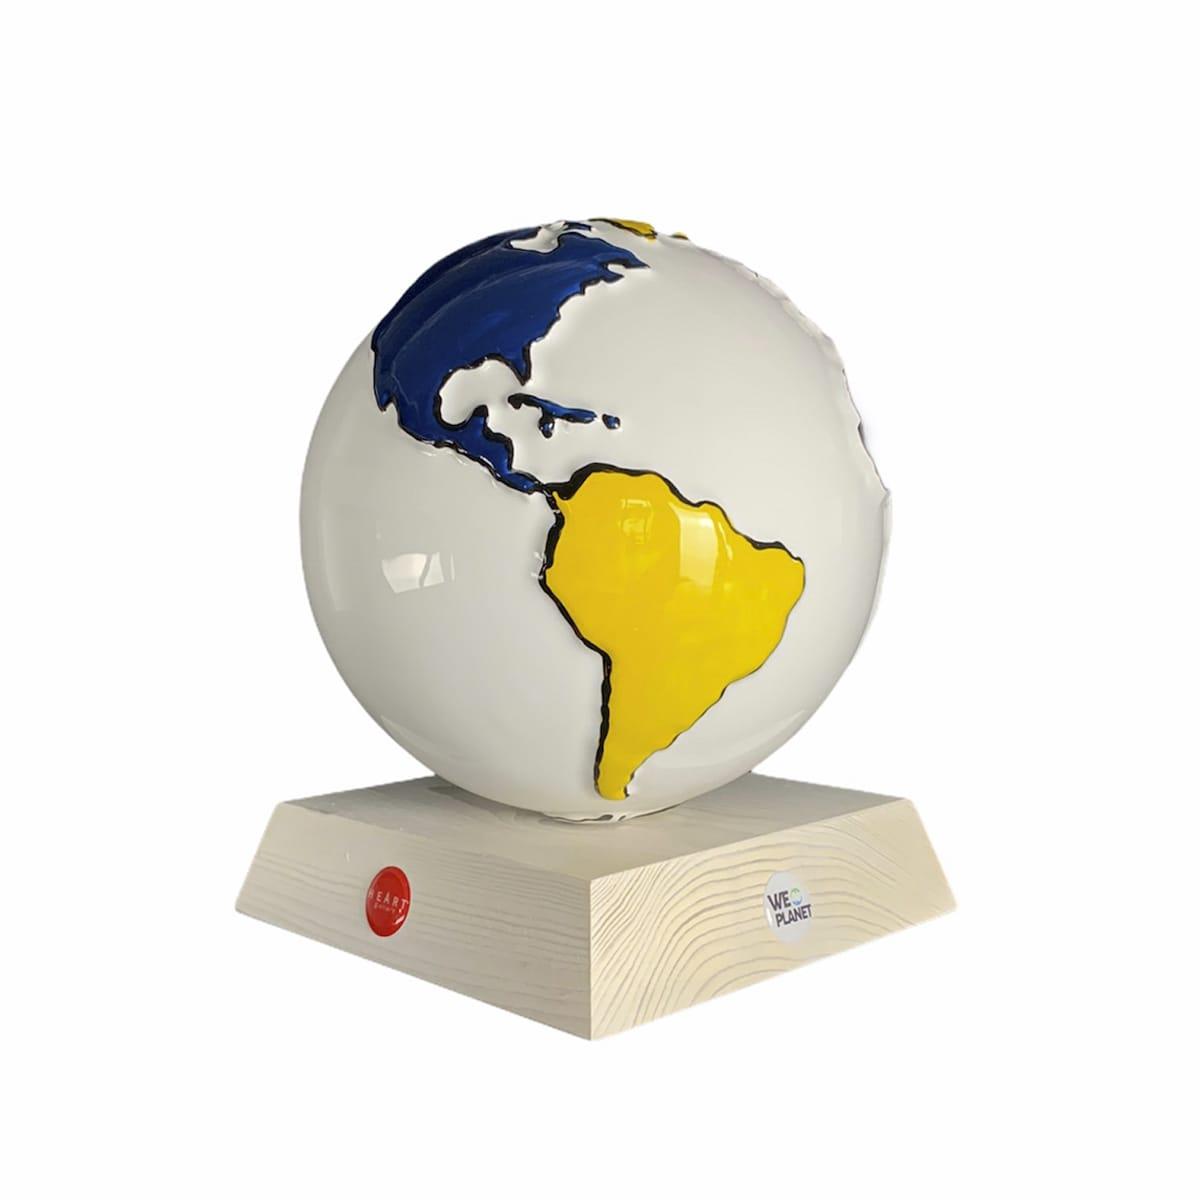 la terra realizzata in ceramica: tutta bianca e le terre emerse dipinte in rosso, giallo, blue e nero secondo lo stile Mondrian